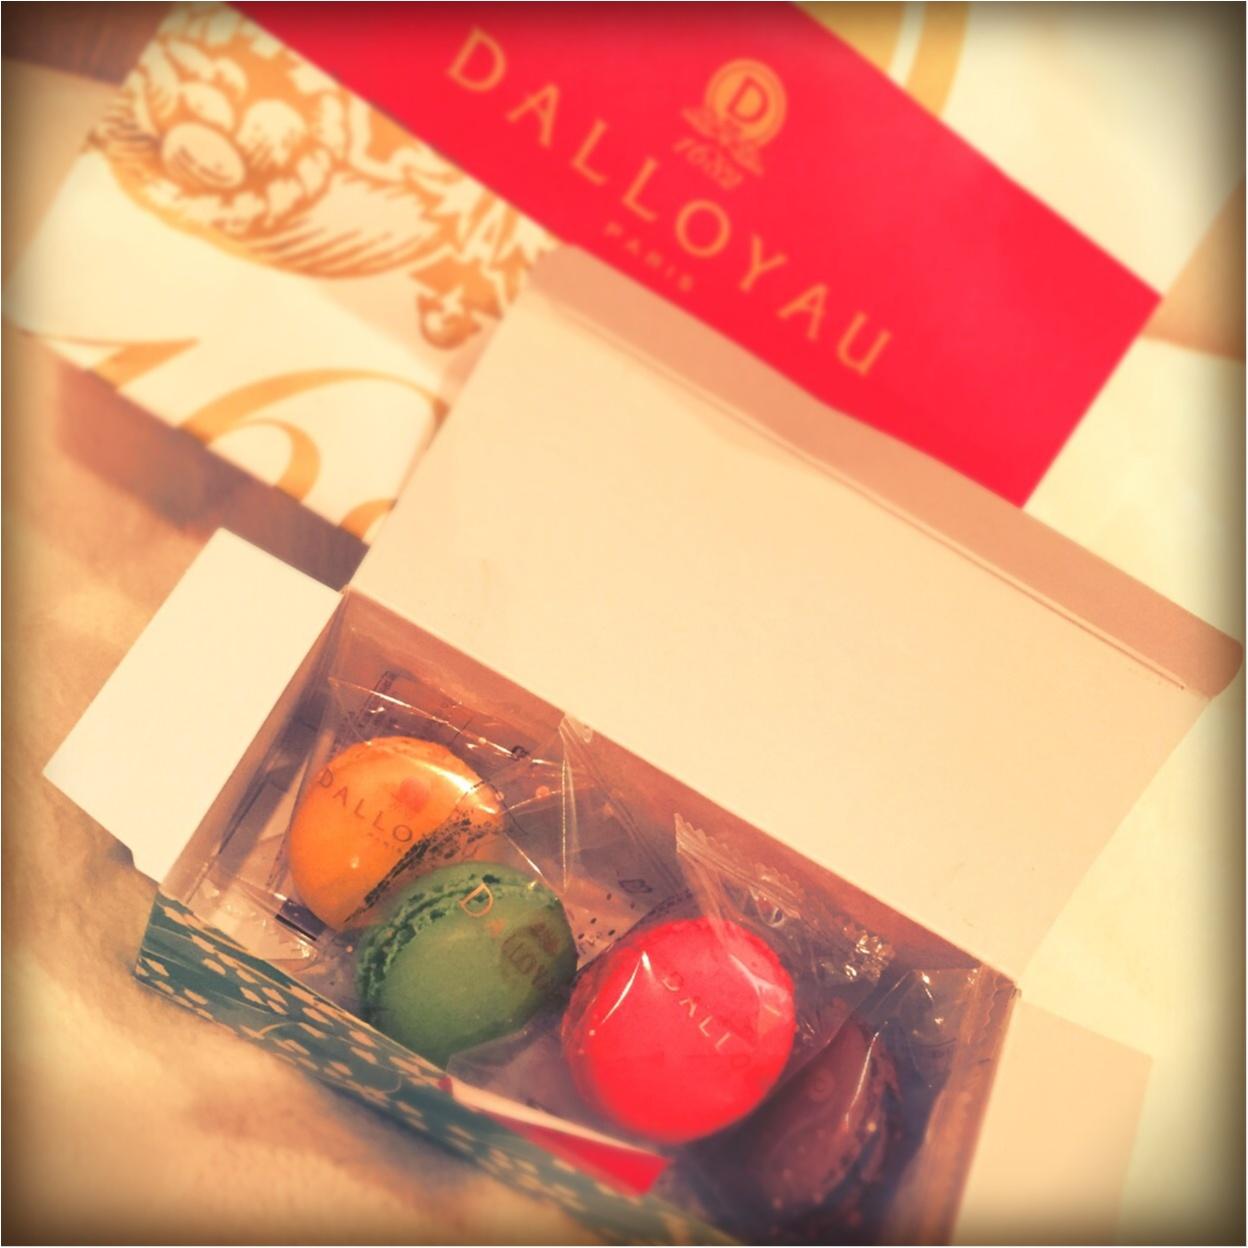 お菓子にはそれぞれ意味がある?【特別な人】にあげるなら✨もらって嬉しい《*マカロン5選*》★☆_7